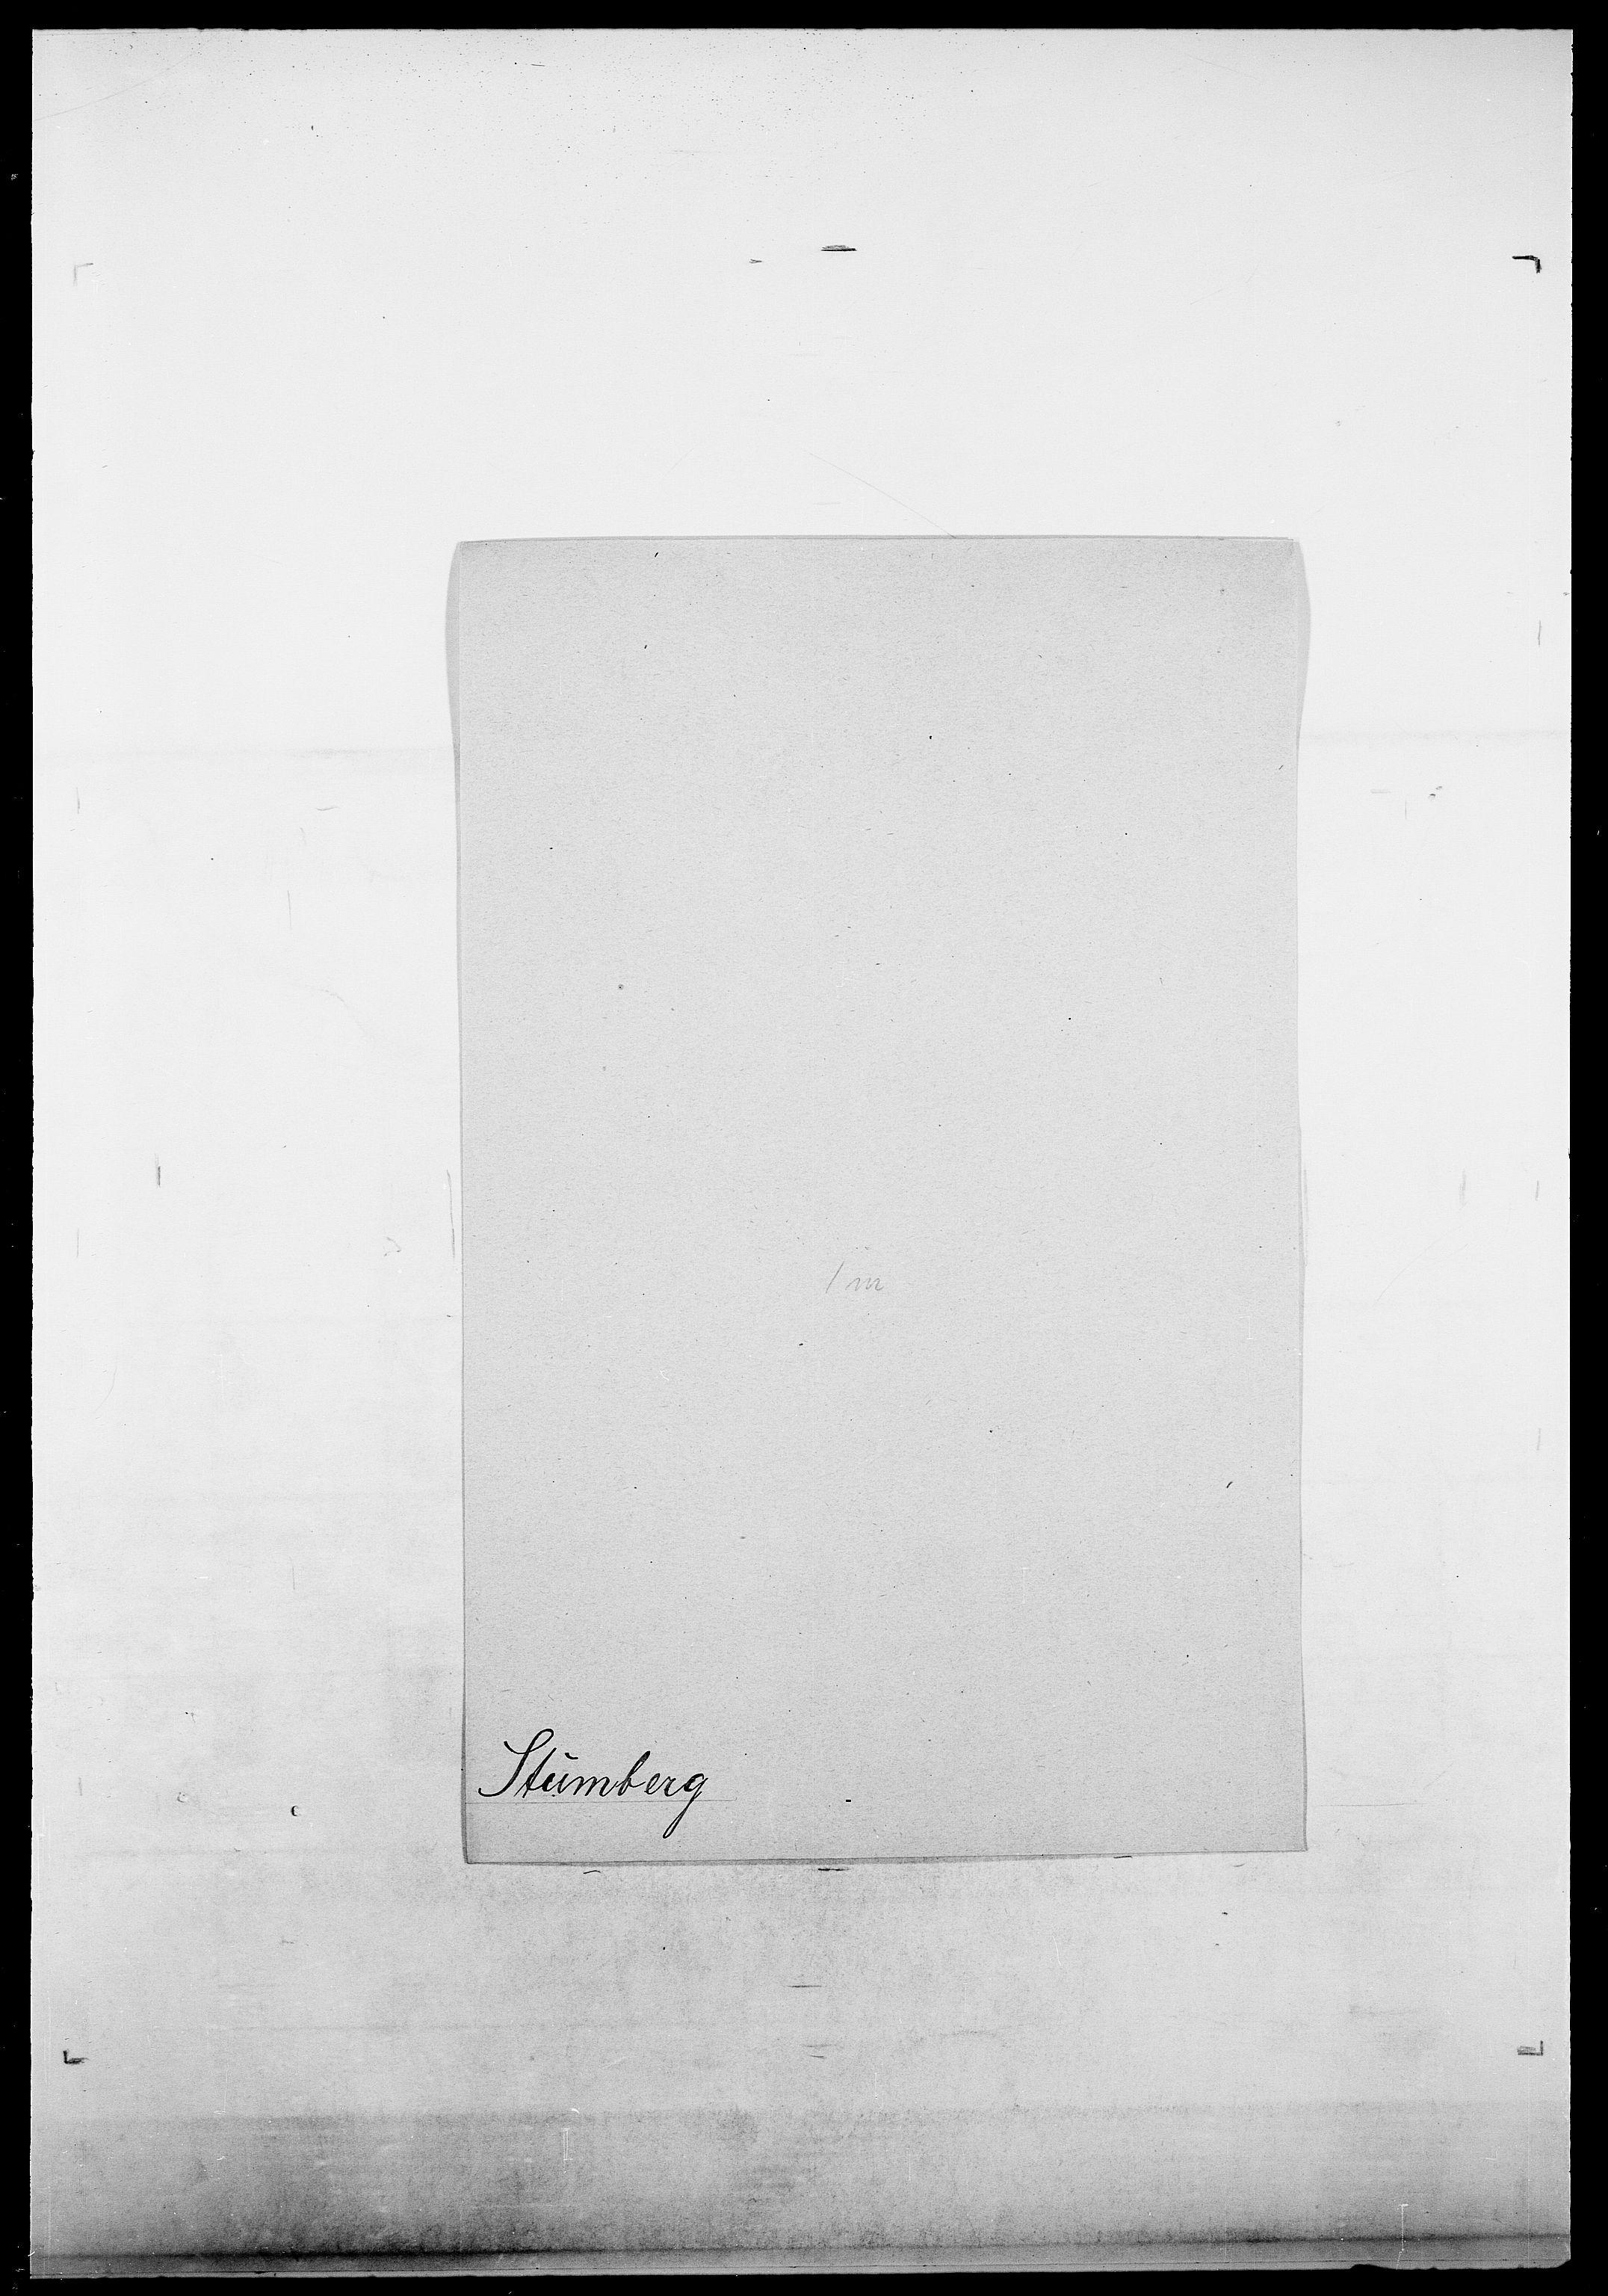 SAO, Delgobe, Charles Antoine - samling, D/Da/L0037: Steen, Sthen, Stein - Svare, Svanige, Svanne, se også Svanning og Schwane, s. 806